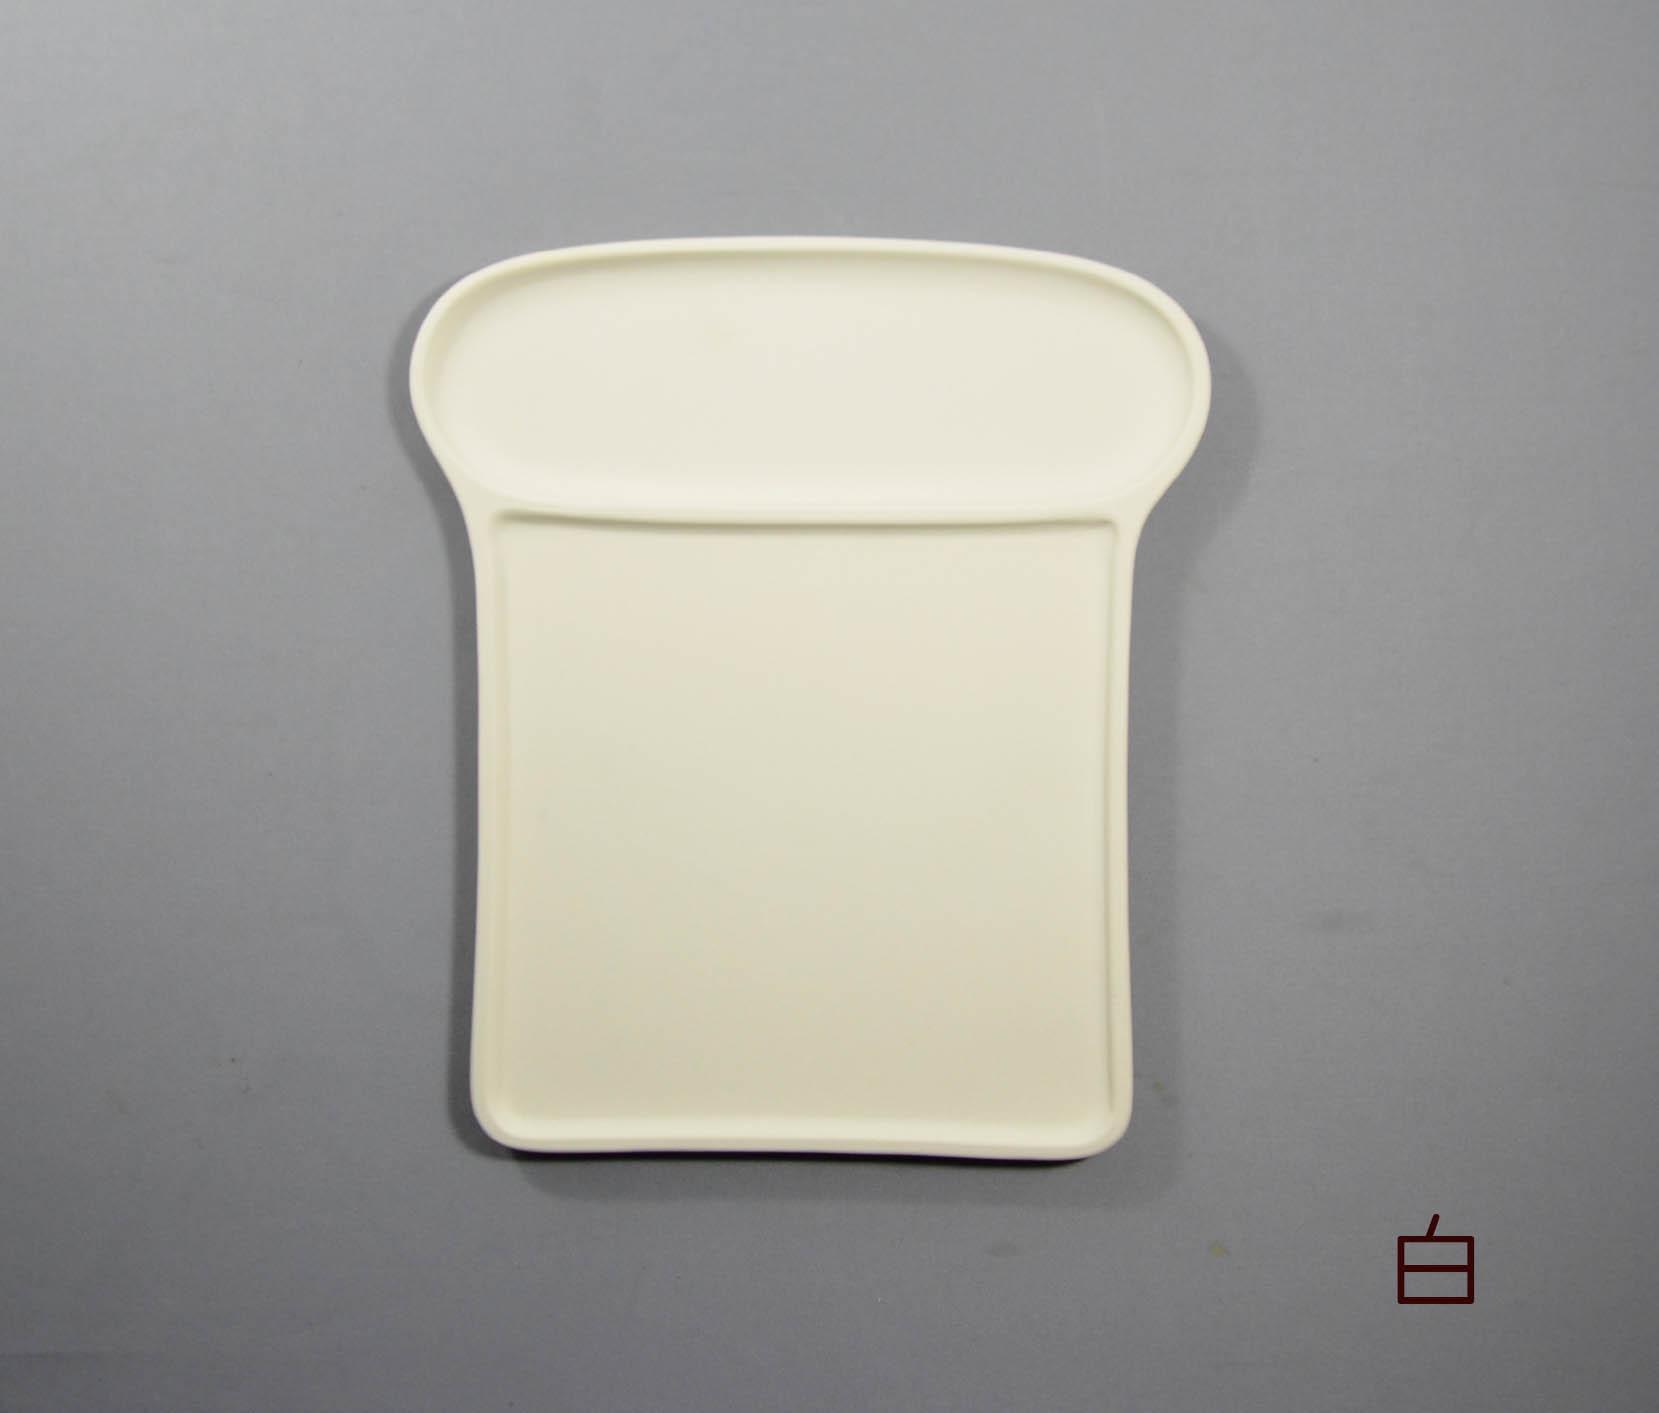 からっとパン皿(白)